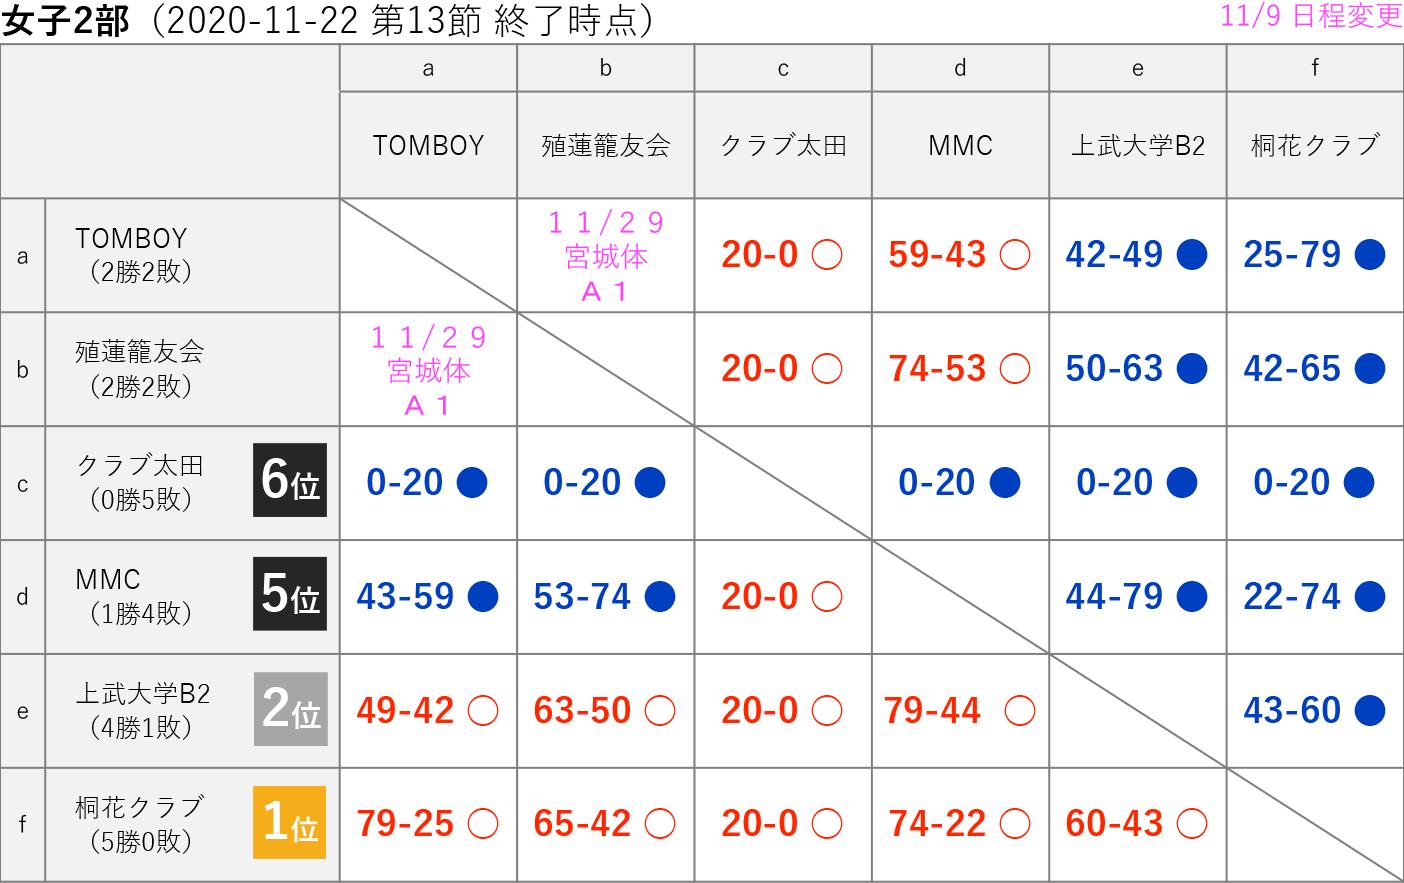 2020社会人リーグ 女子2部 星取り表 2020-11-22(第13節終了時)